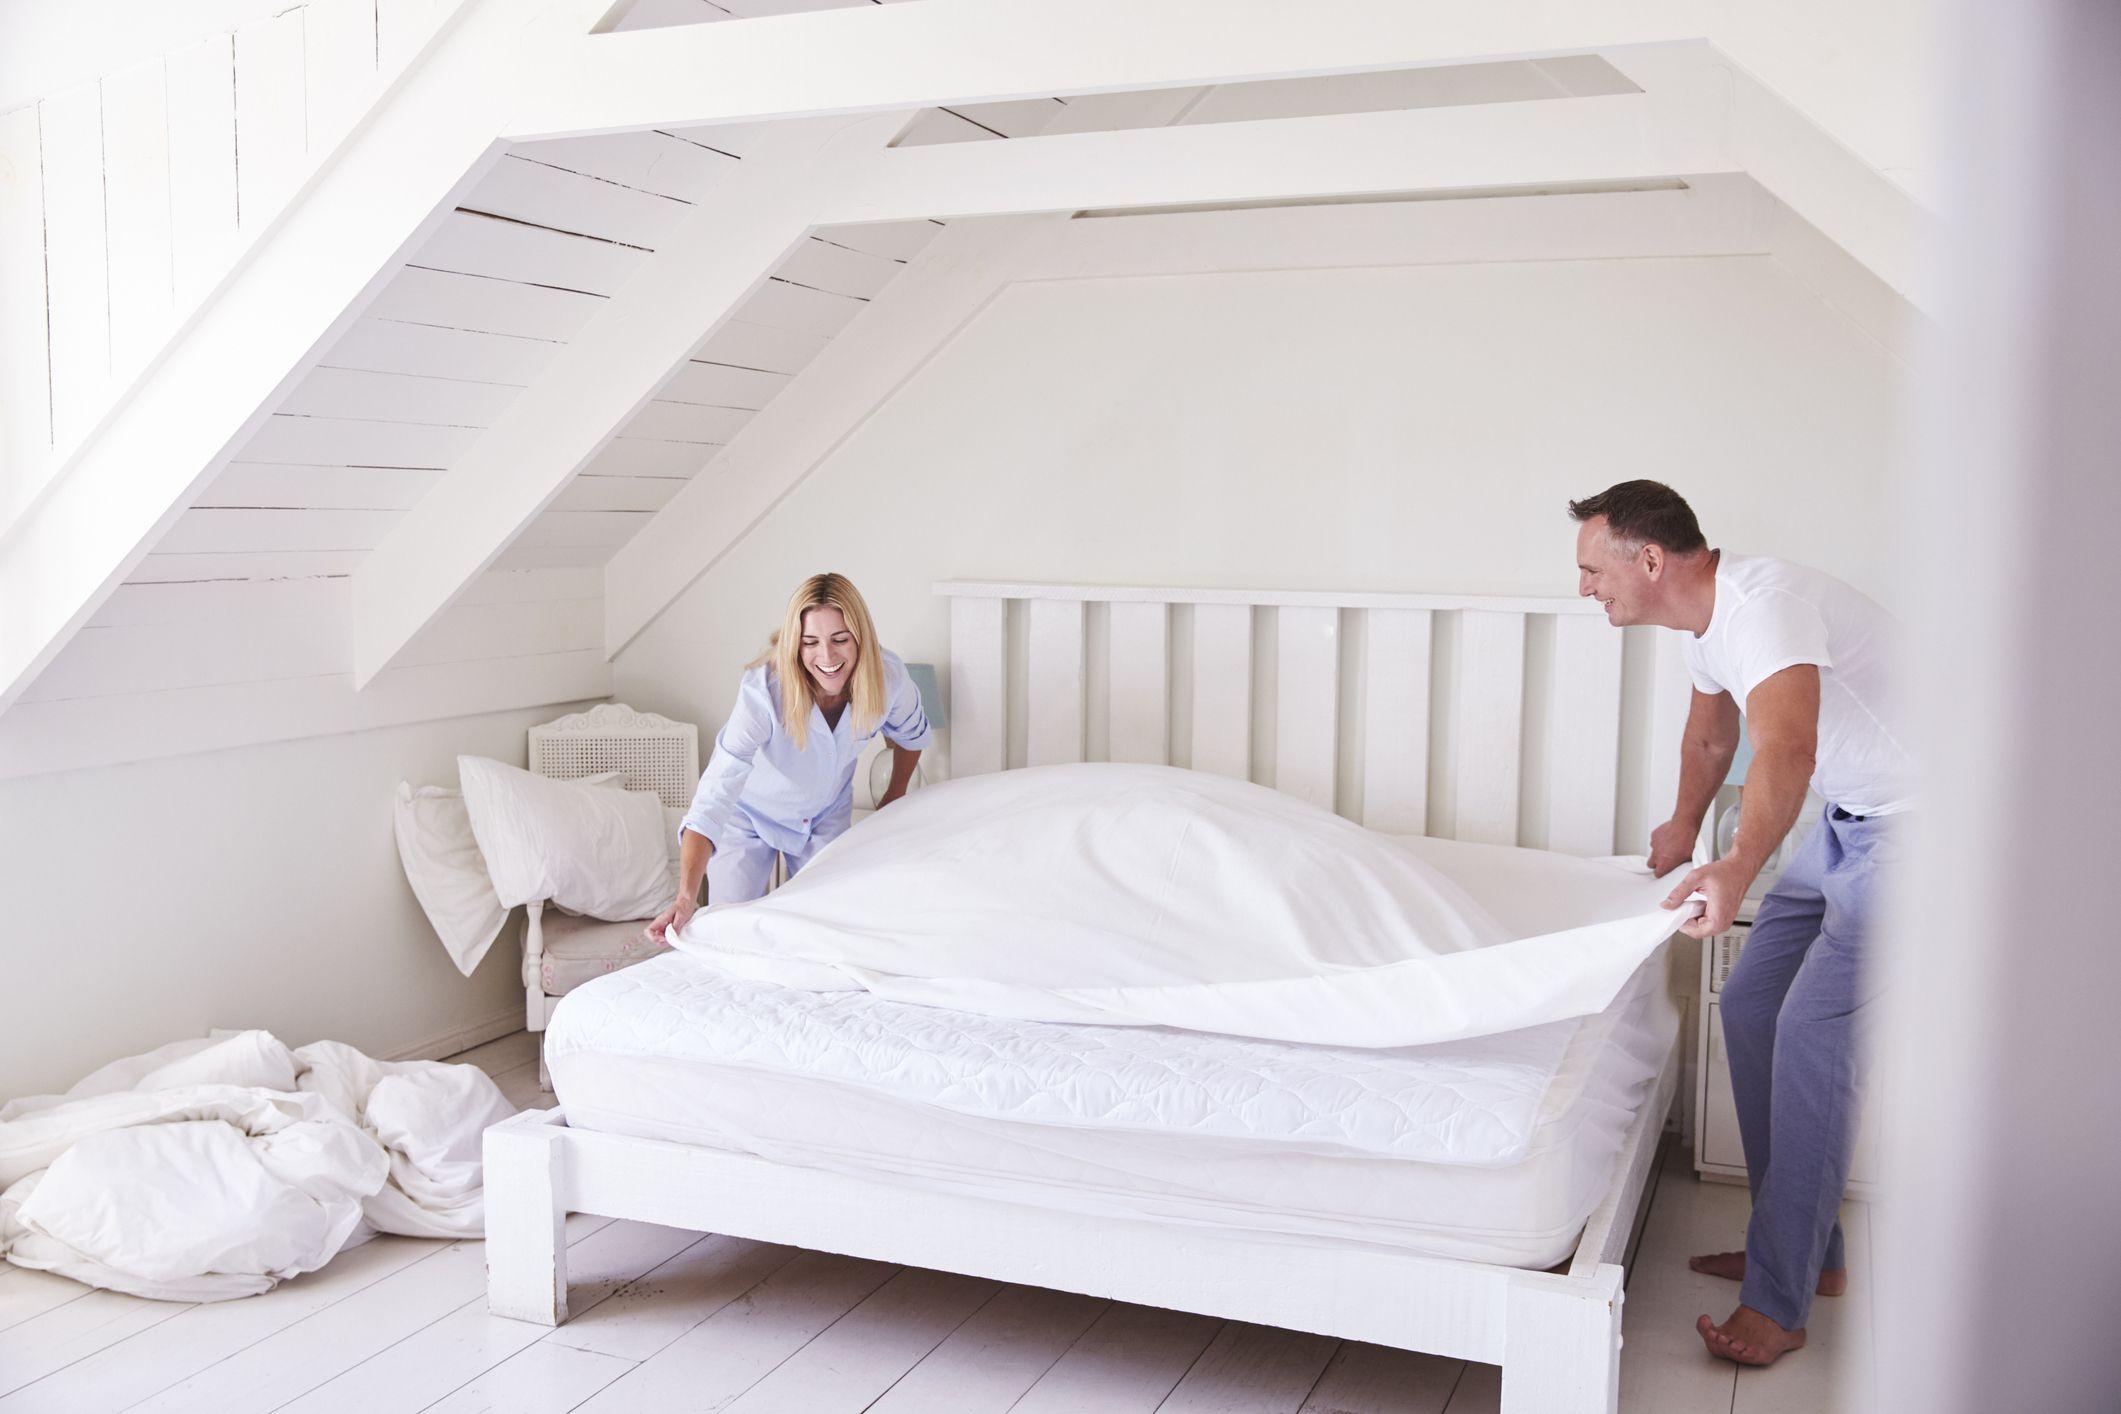 Hacer la cama en pareja